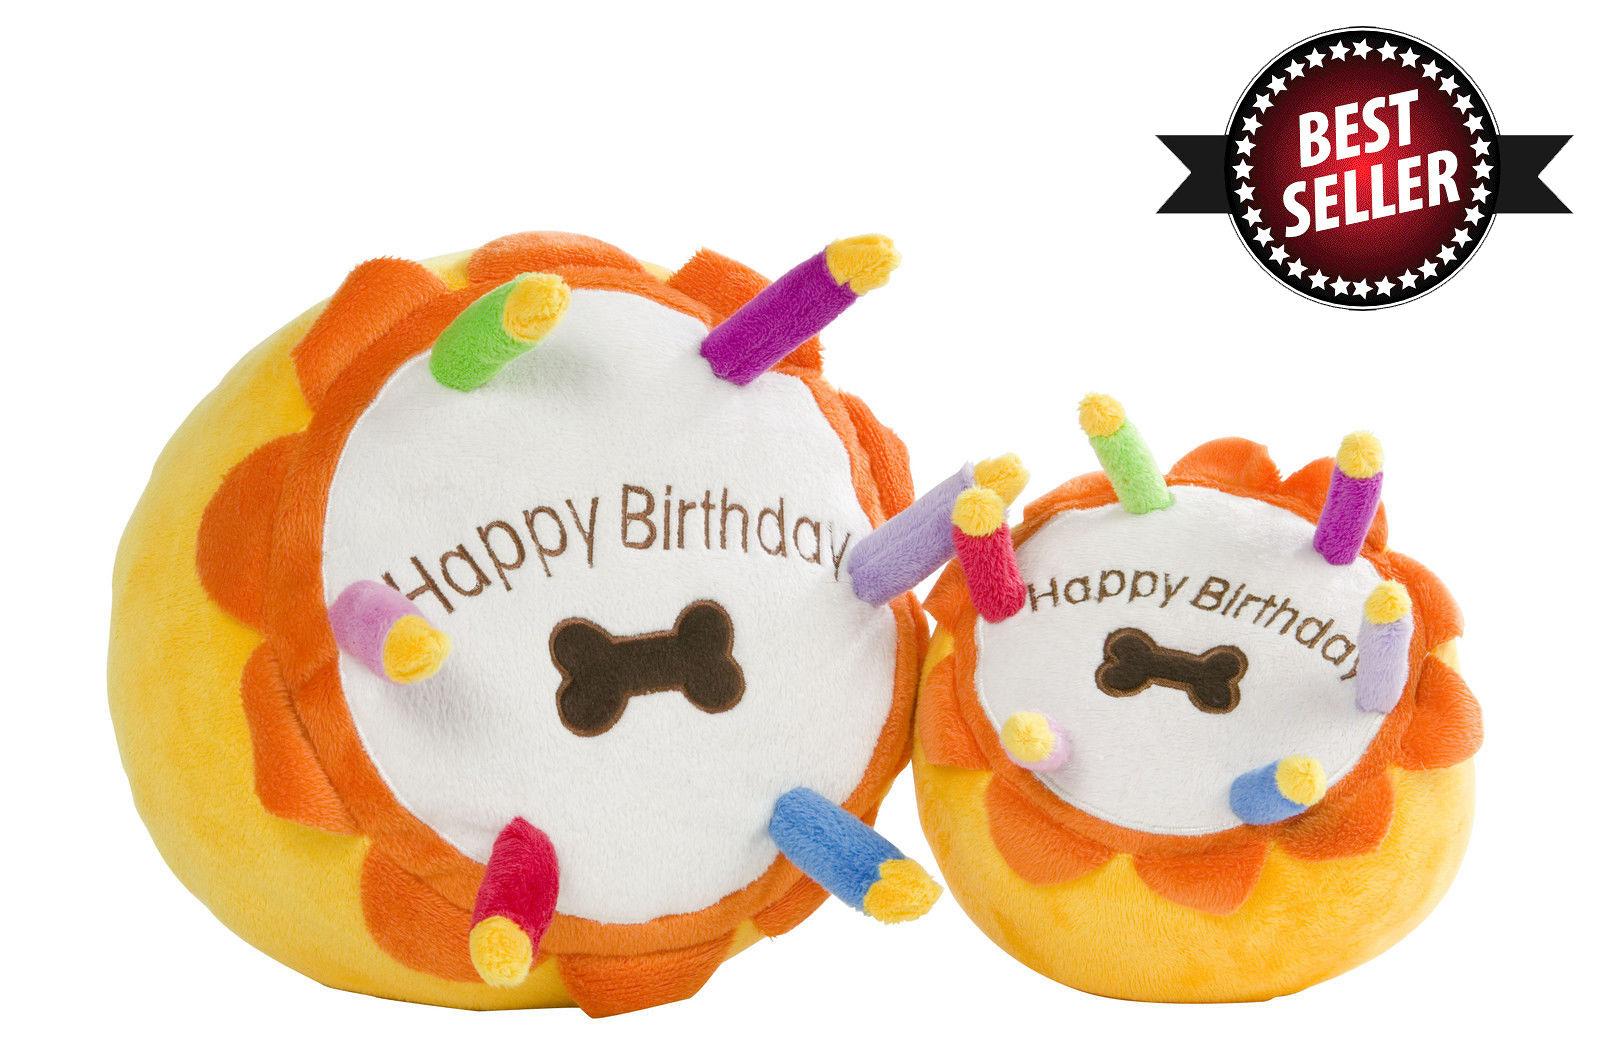 Happy Birthday Dog Cake Toy